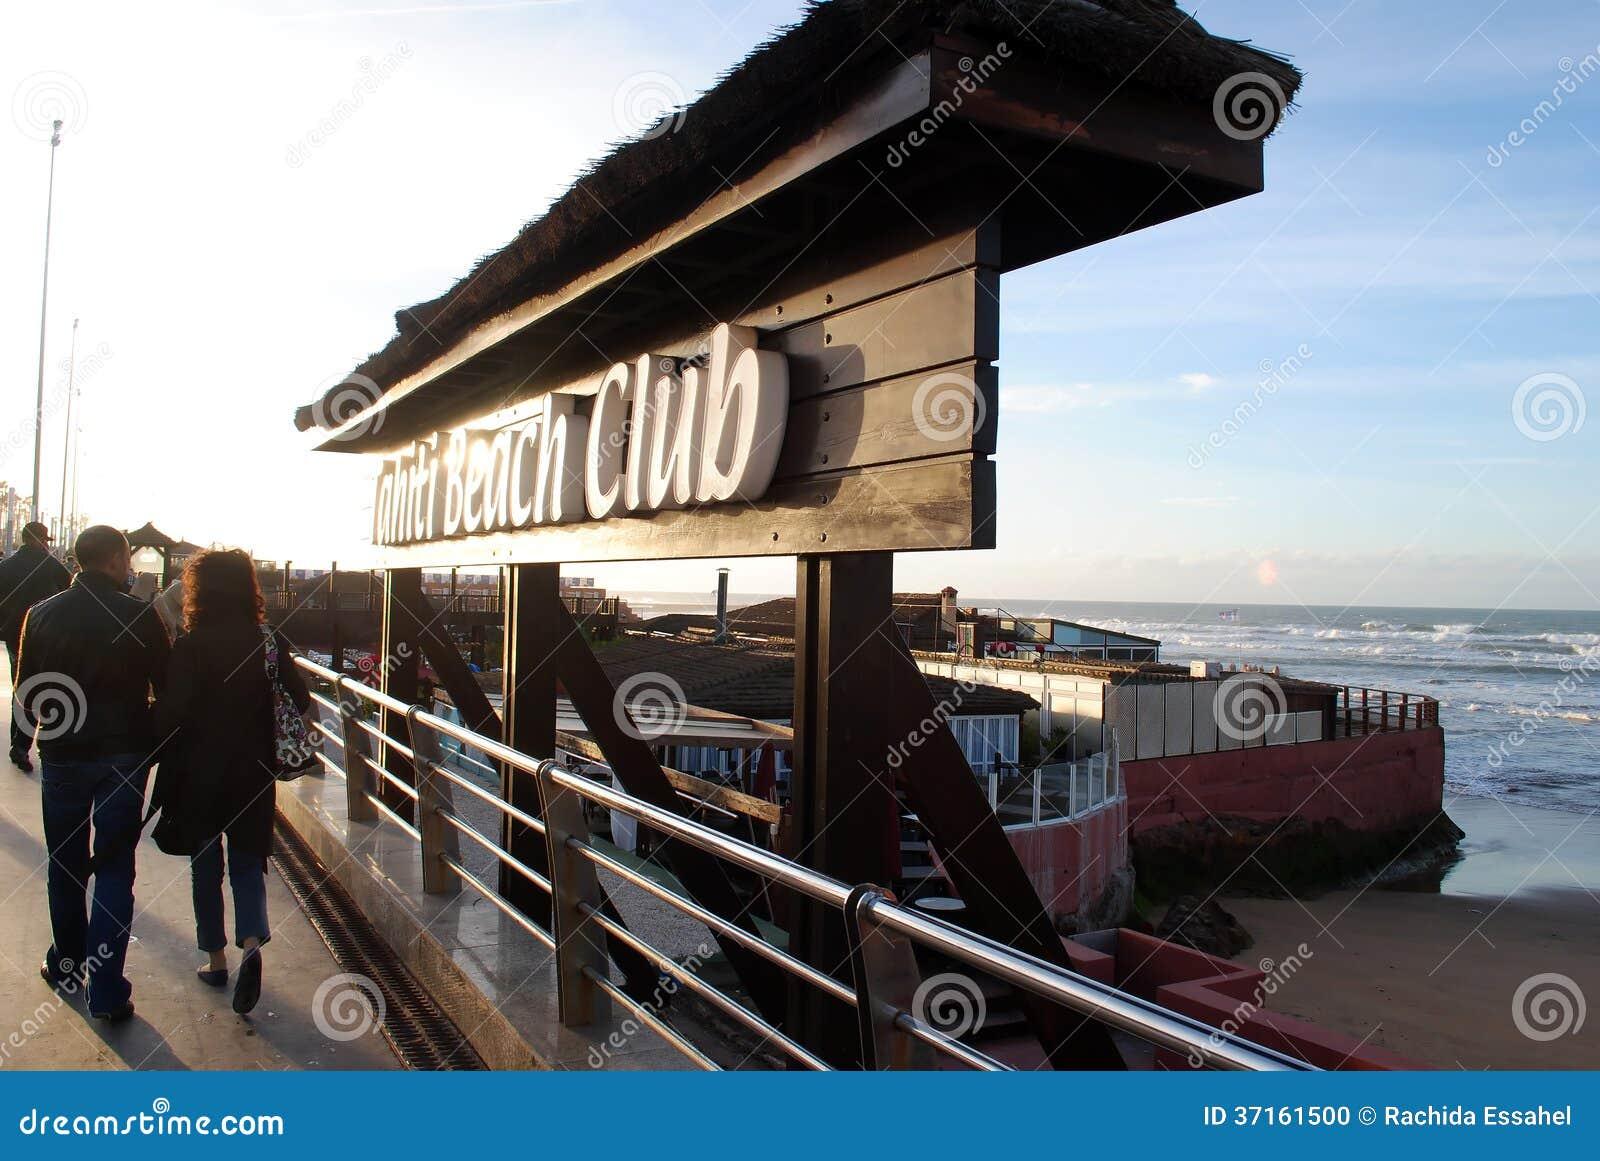 塔希提岛海滩俱乐部